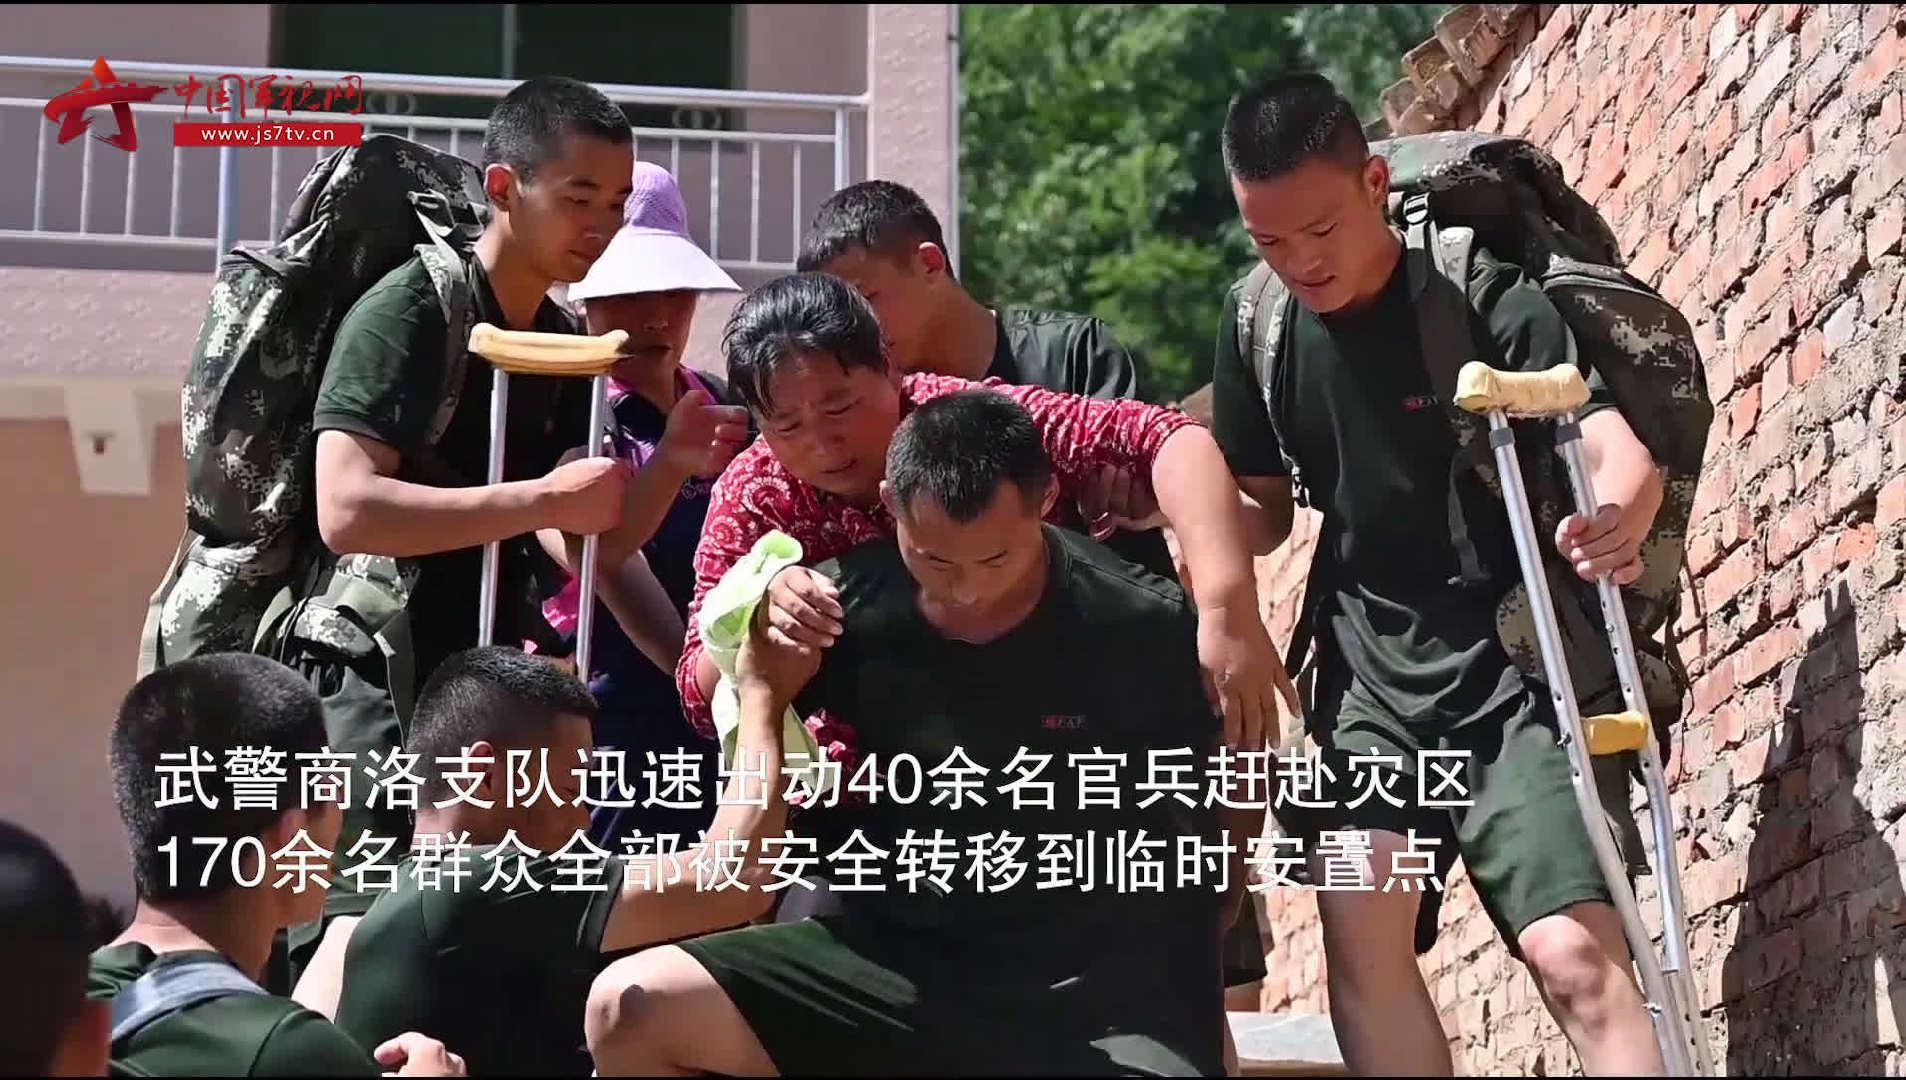 陕西省商洛市洛南县突降暴雨 武警商洛支队紧急转移被困老人